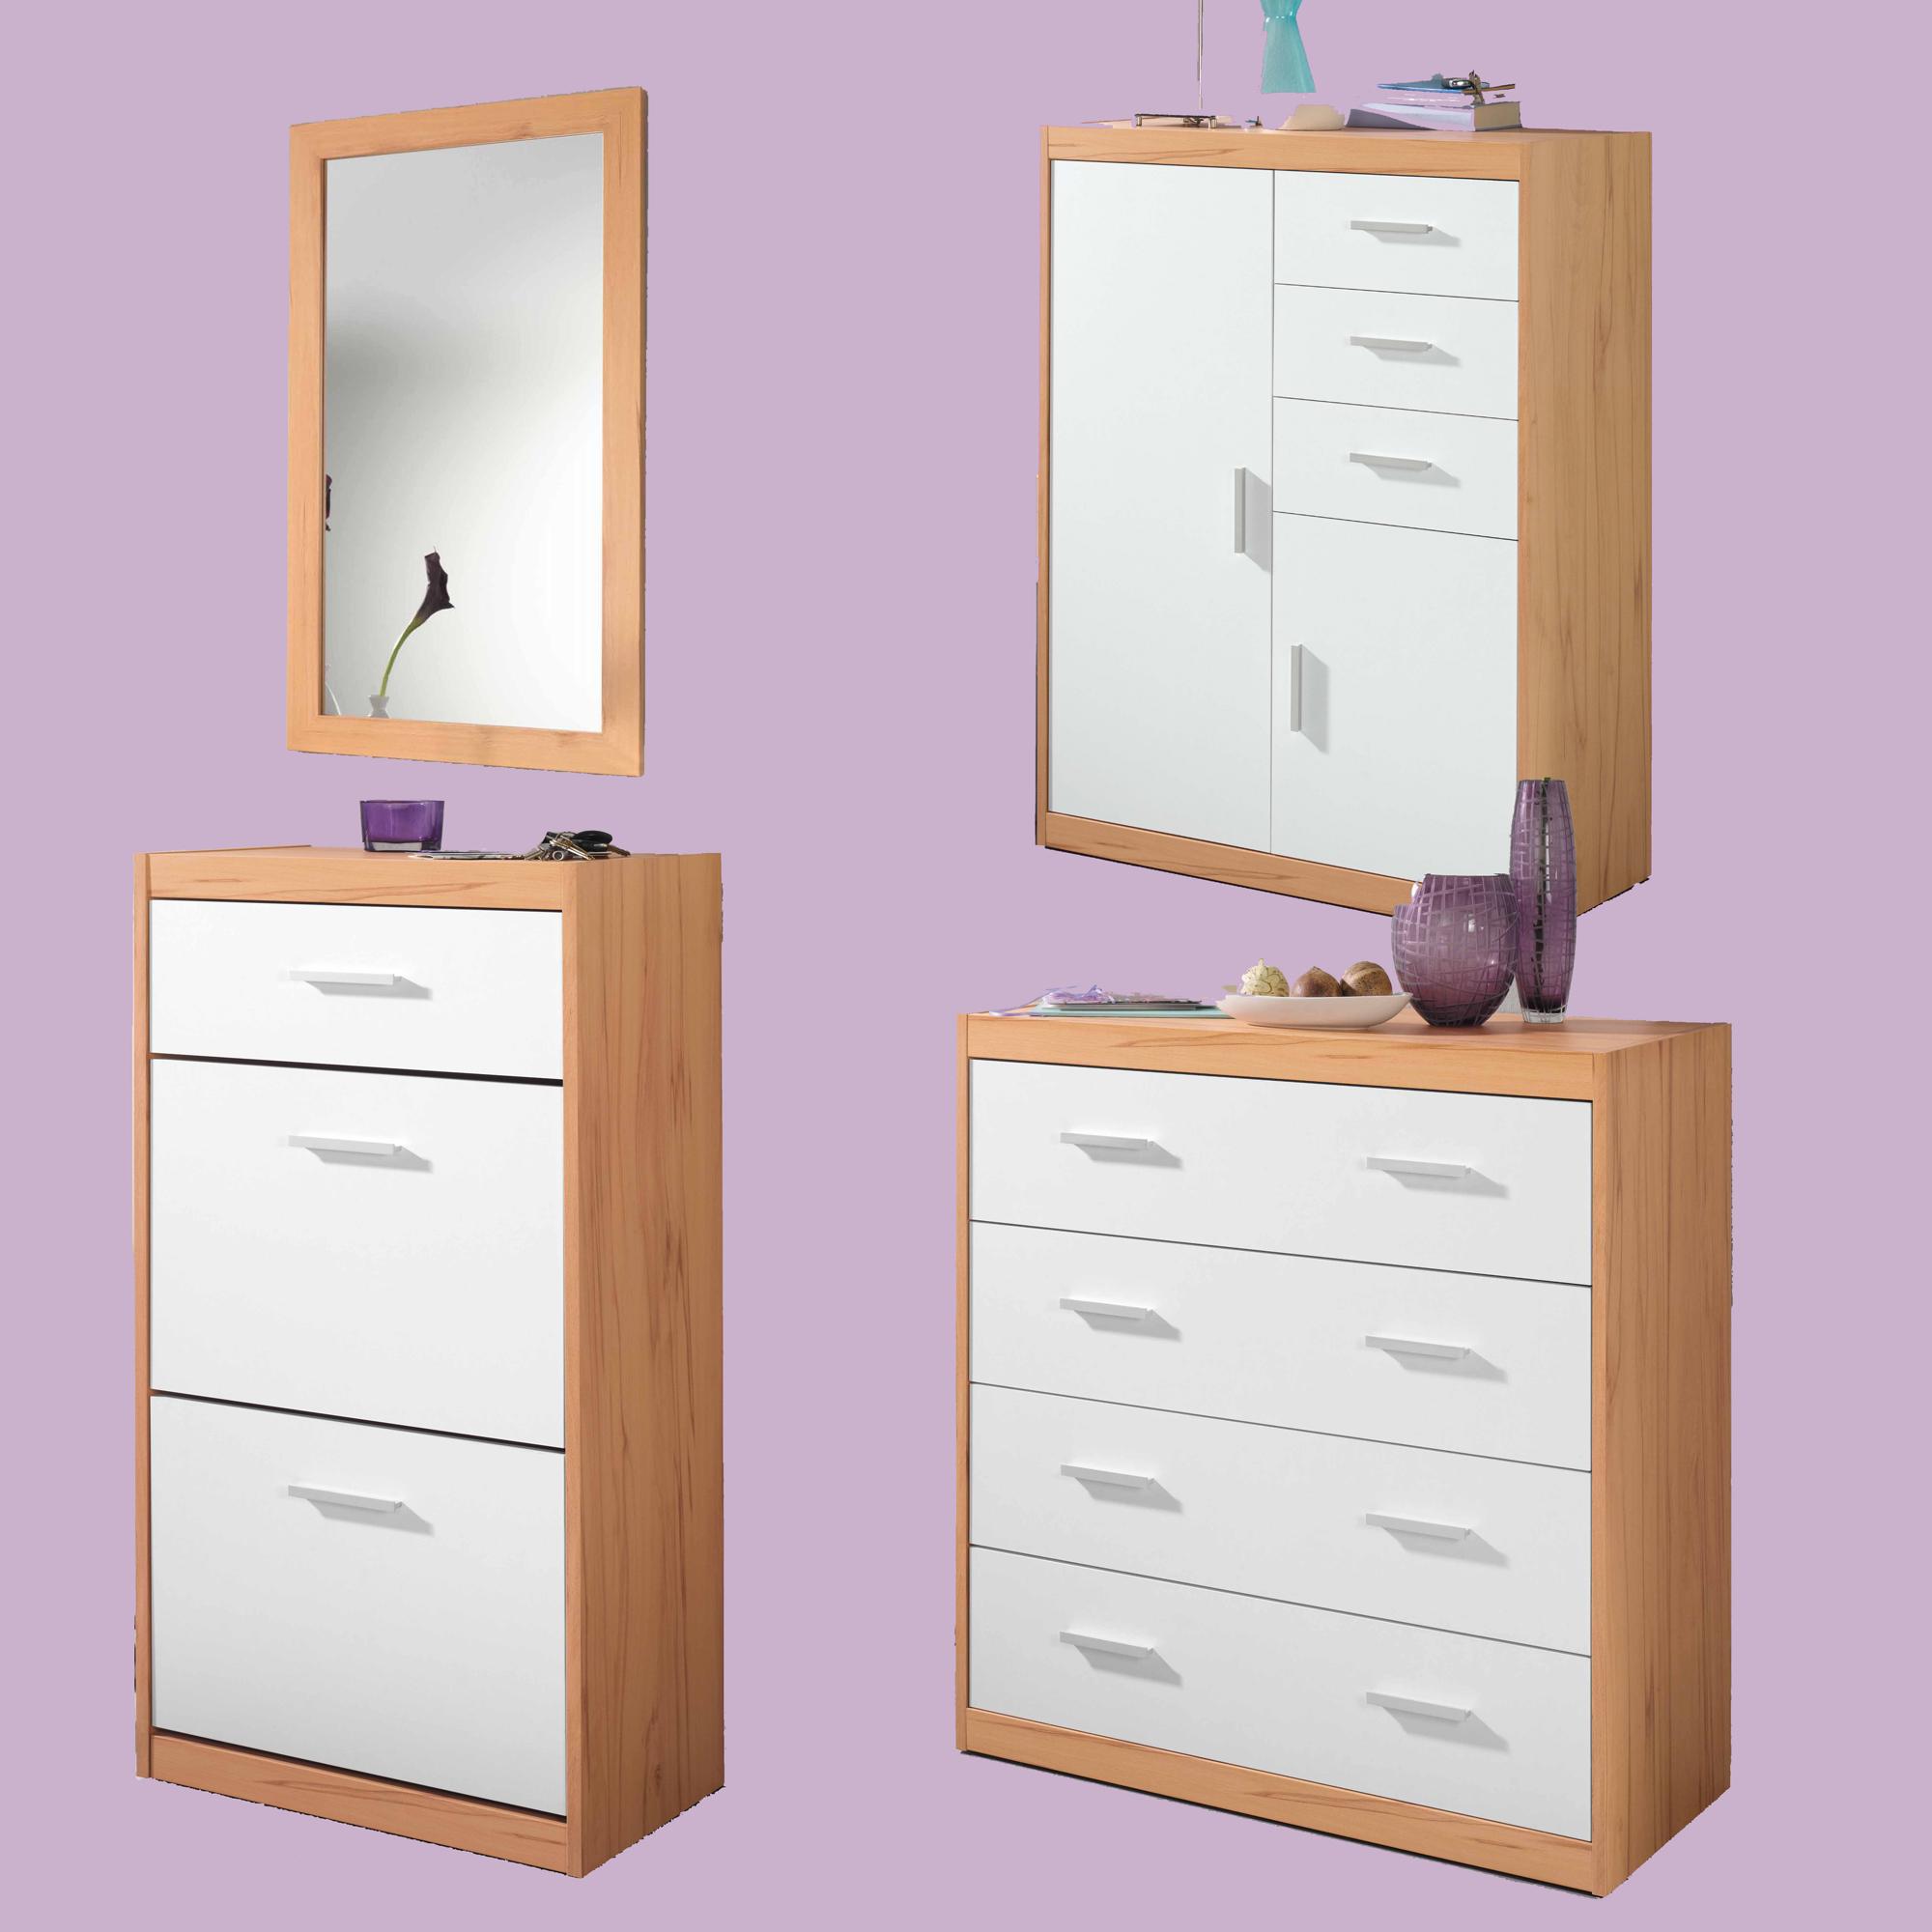 spannende kleiner waschtisch mit unterschrank fotos. Black Bedroom Furniture Sets. Home Design Ideas